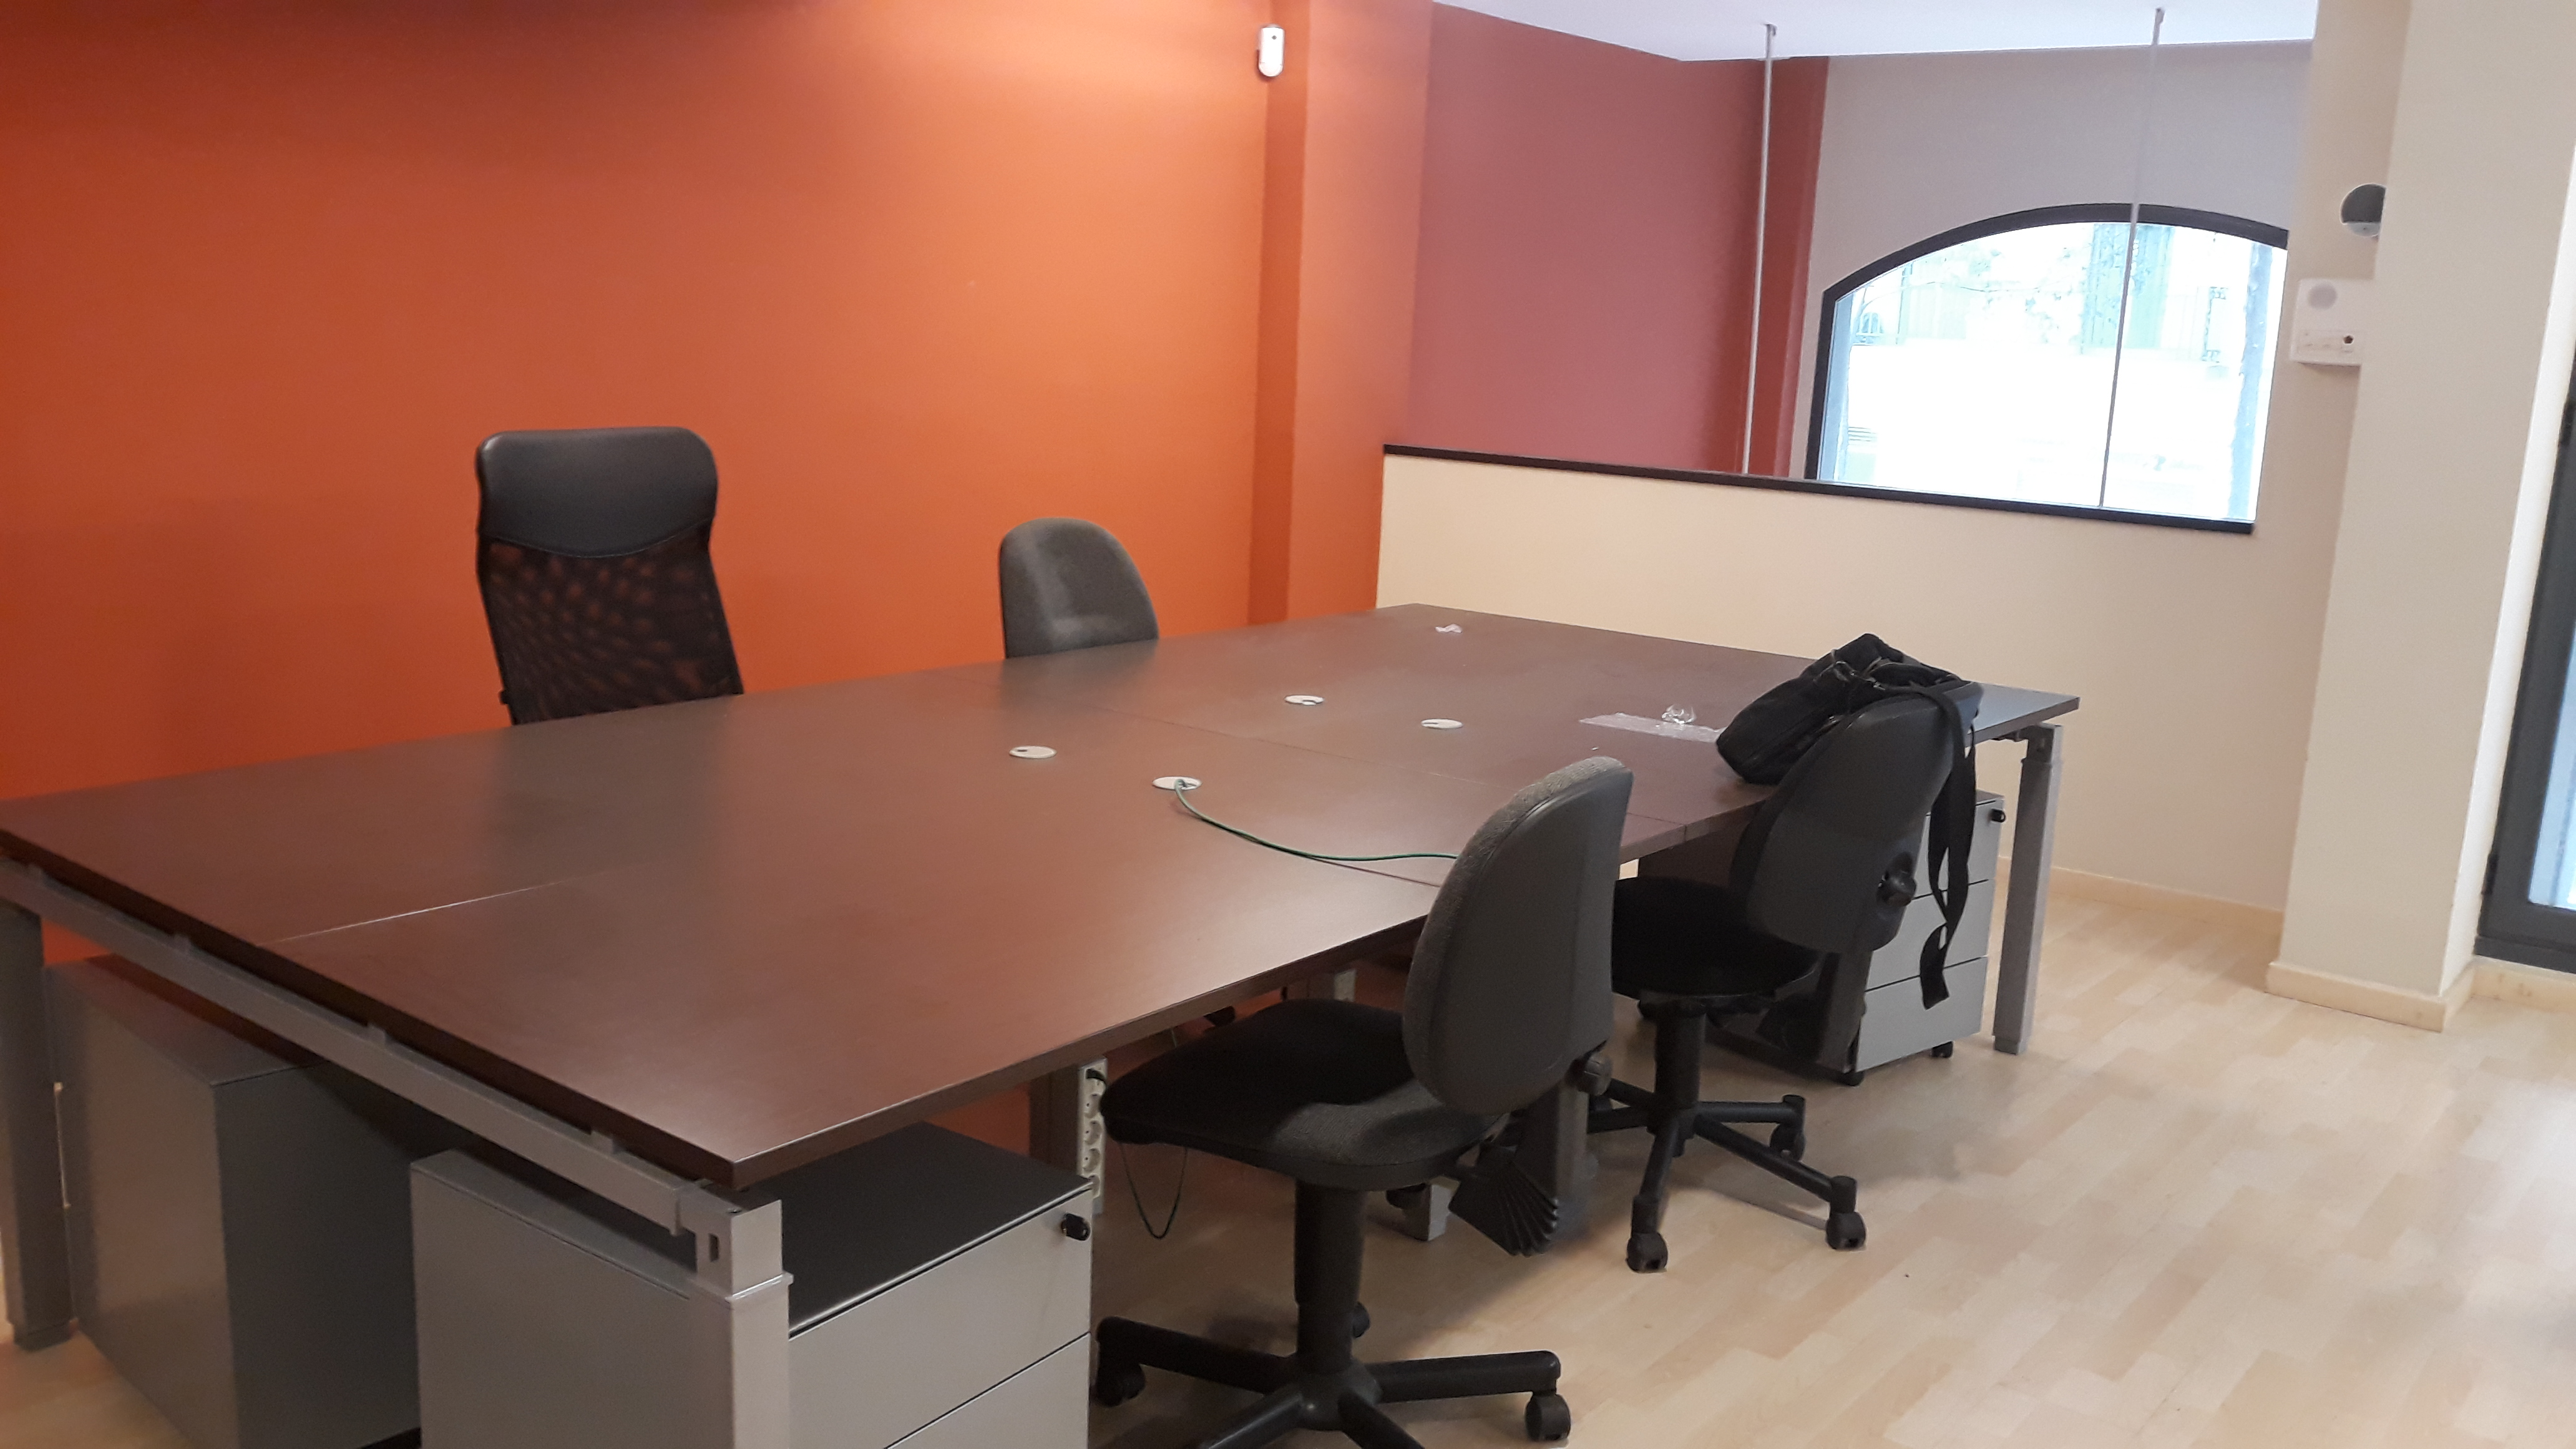 Oficina  Carrer de los castillejos. Se vende oficina de 210 m2 amueblada y equipada junto calle arag